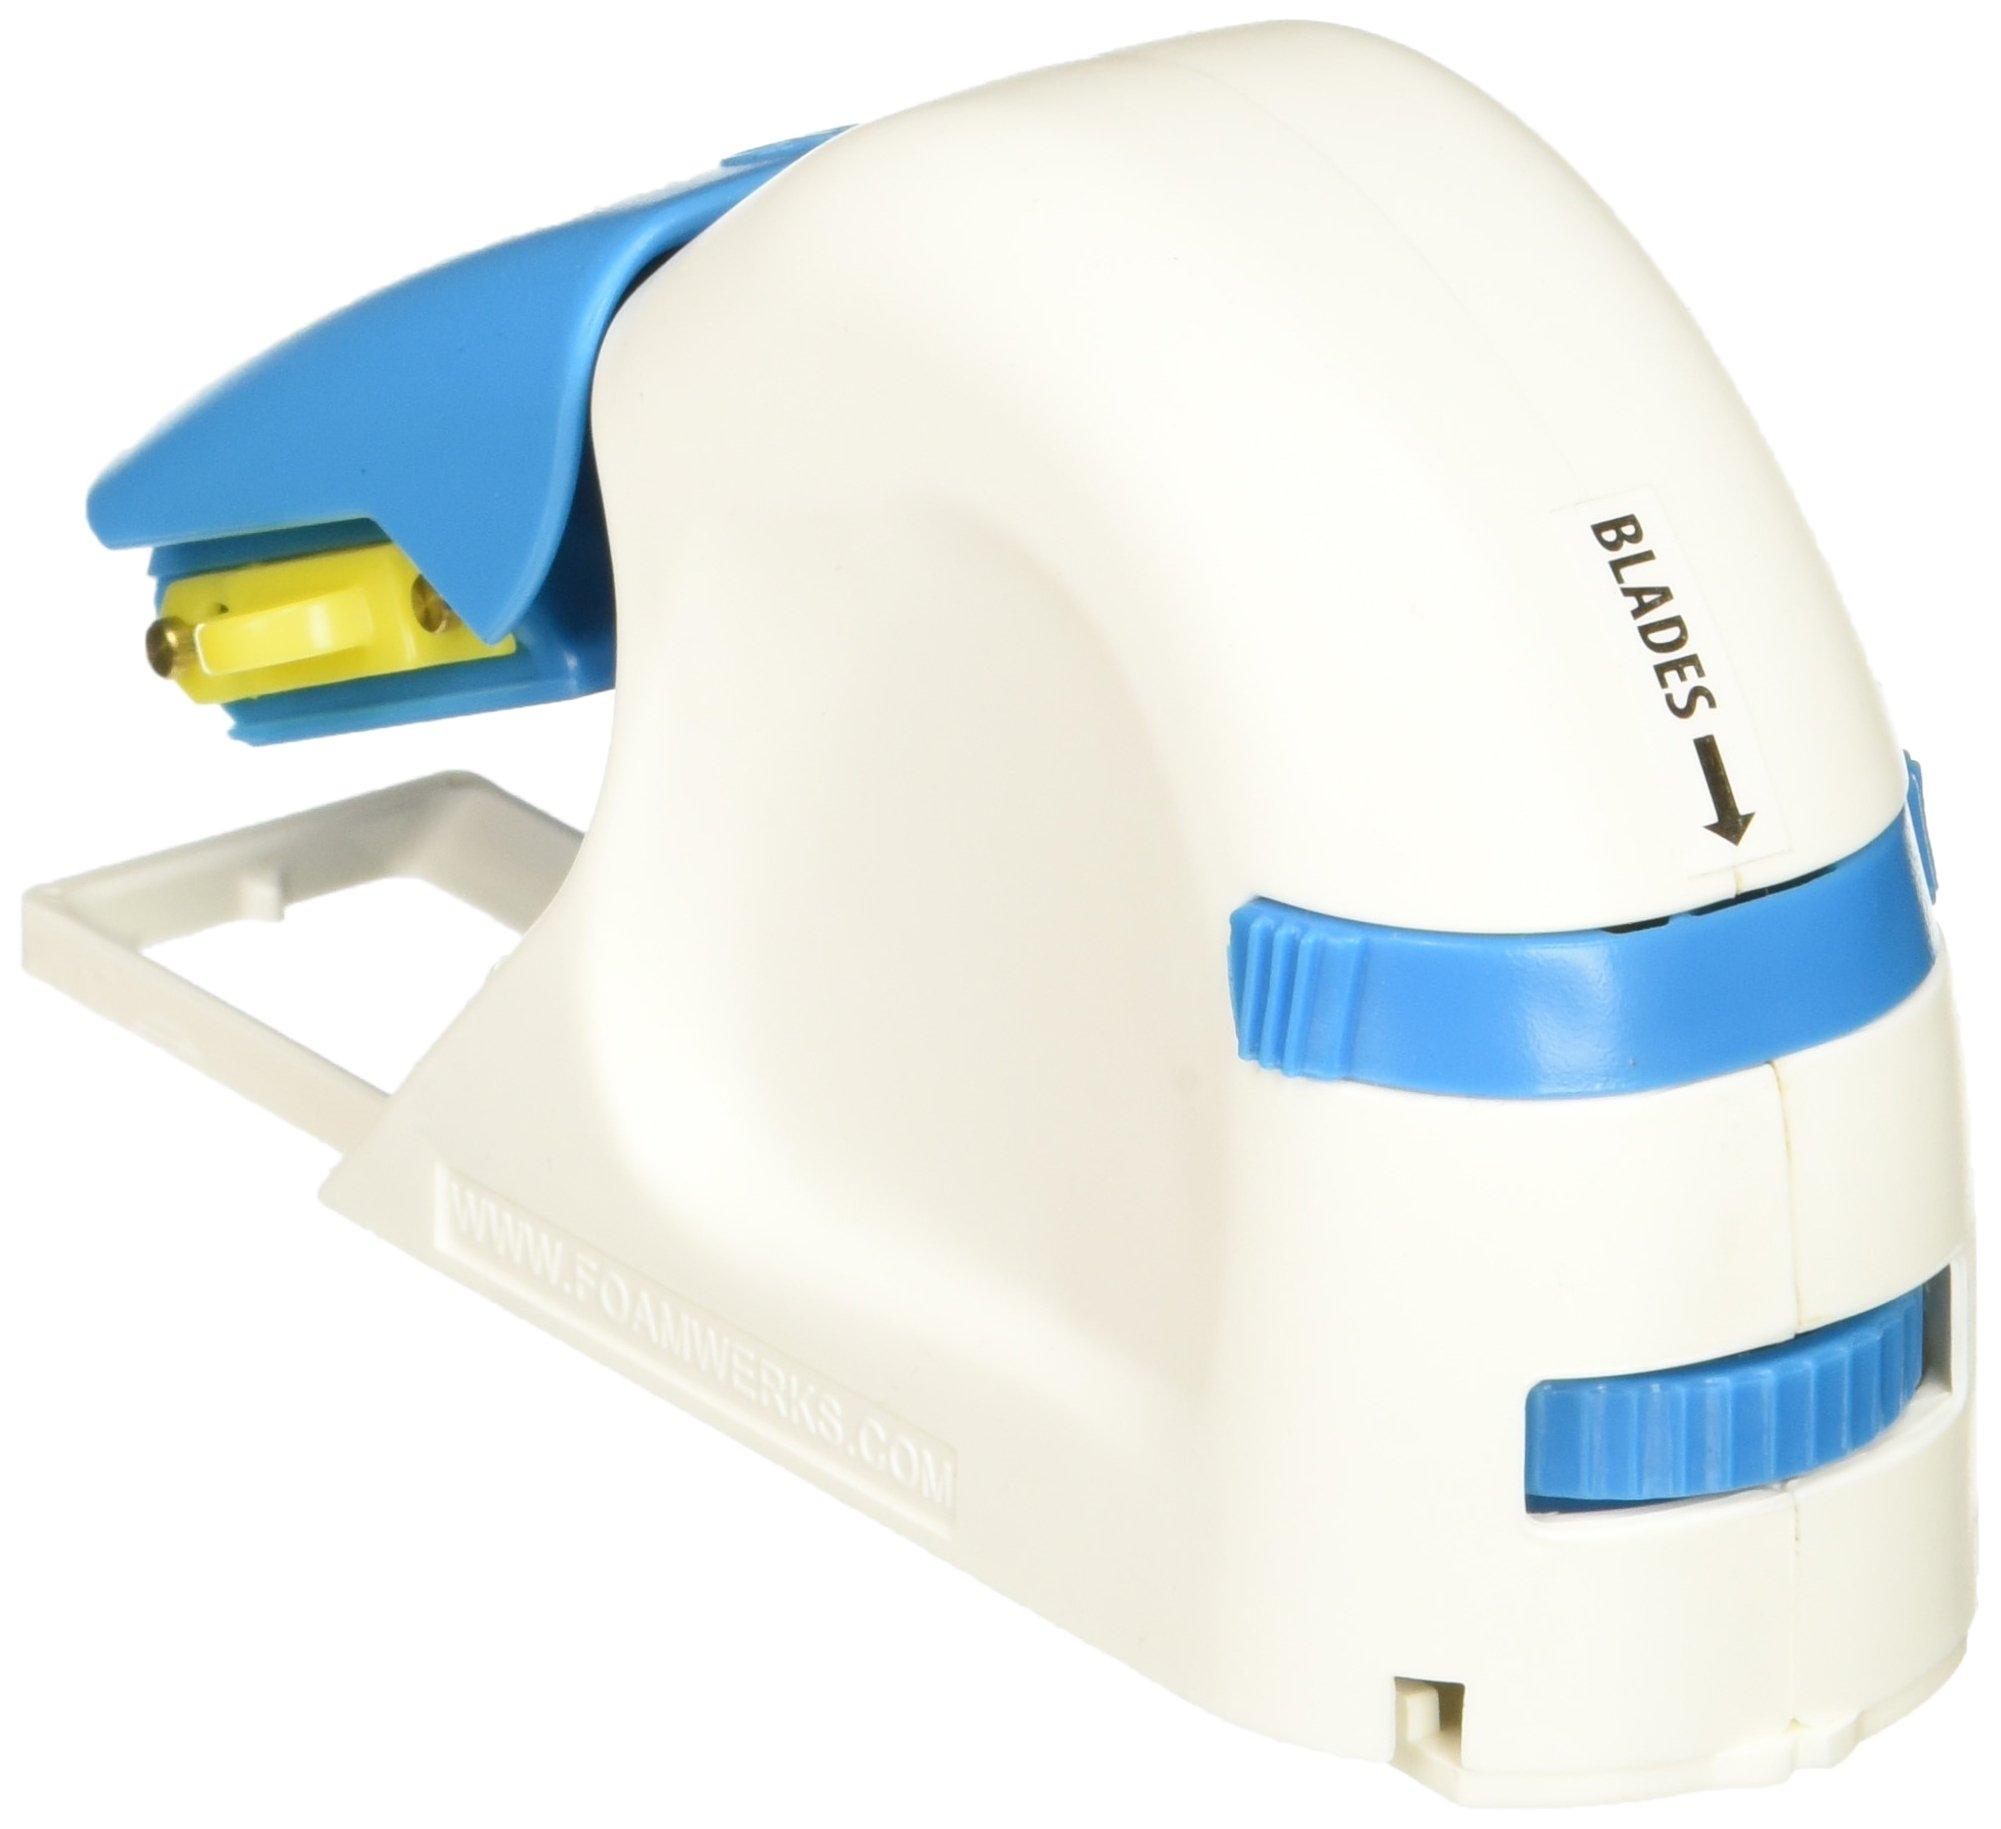 Foamwerks Straight Foamboard Cutter with Adjustable Blade, 1/8 - 1/2 inch by FoamWerks